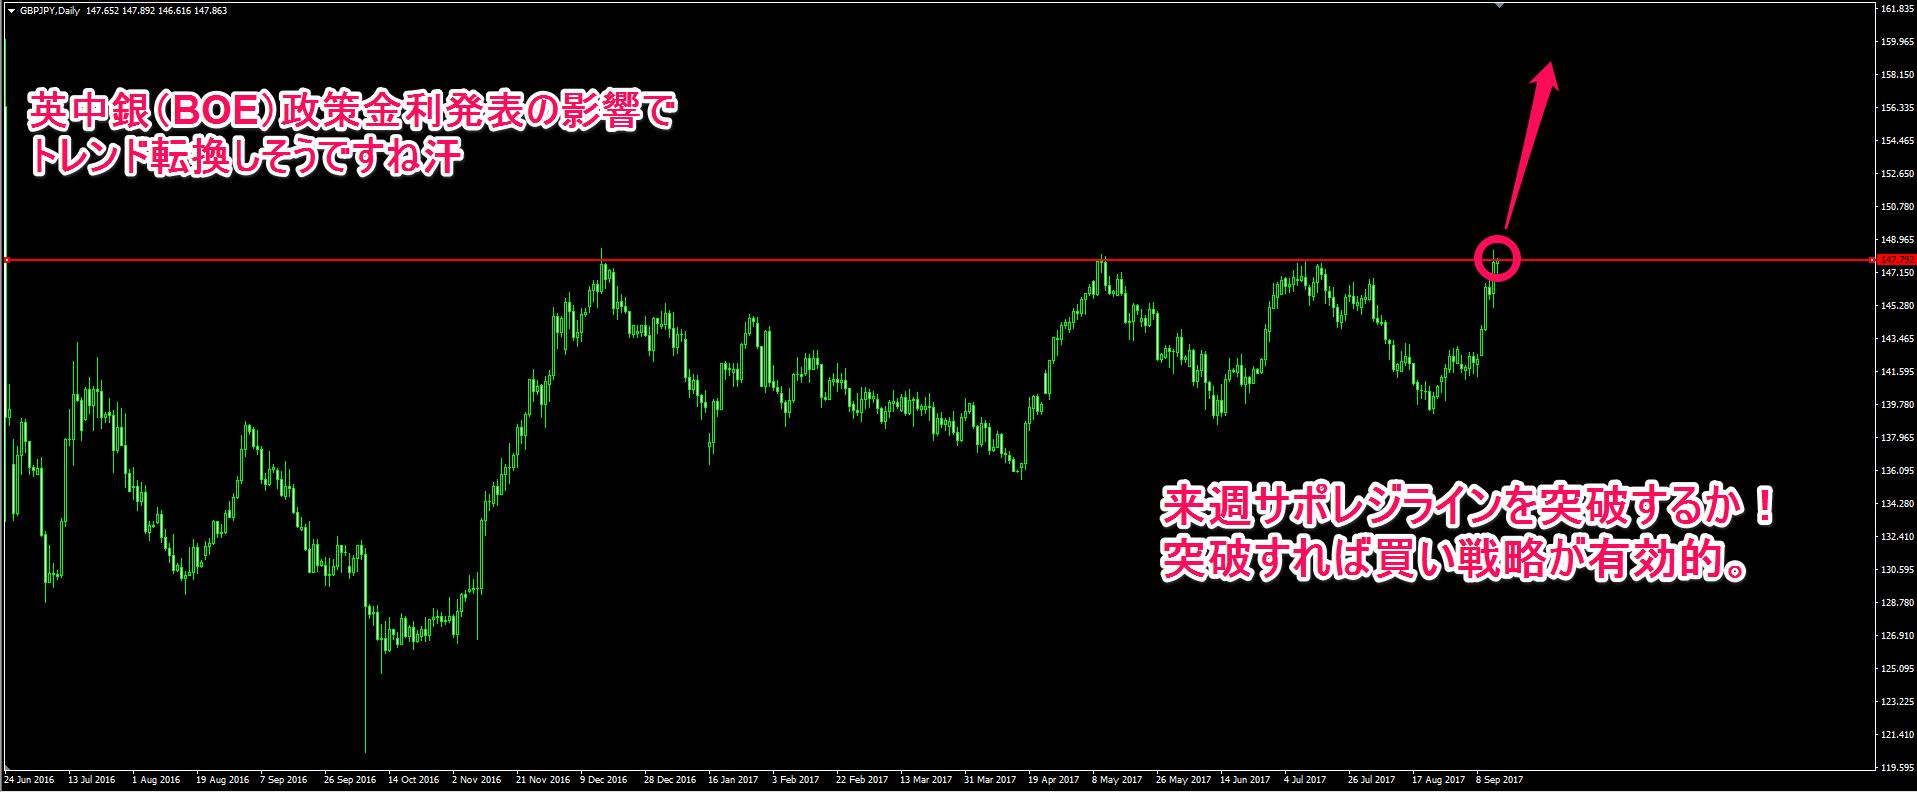 ポンド円の日足チャート